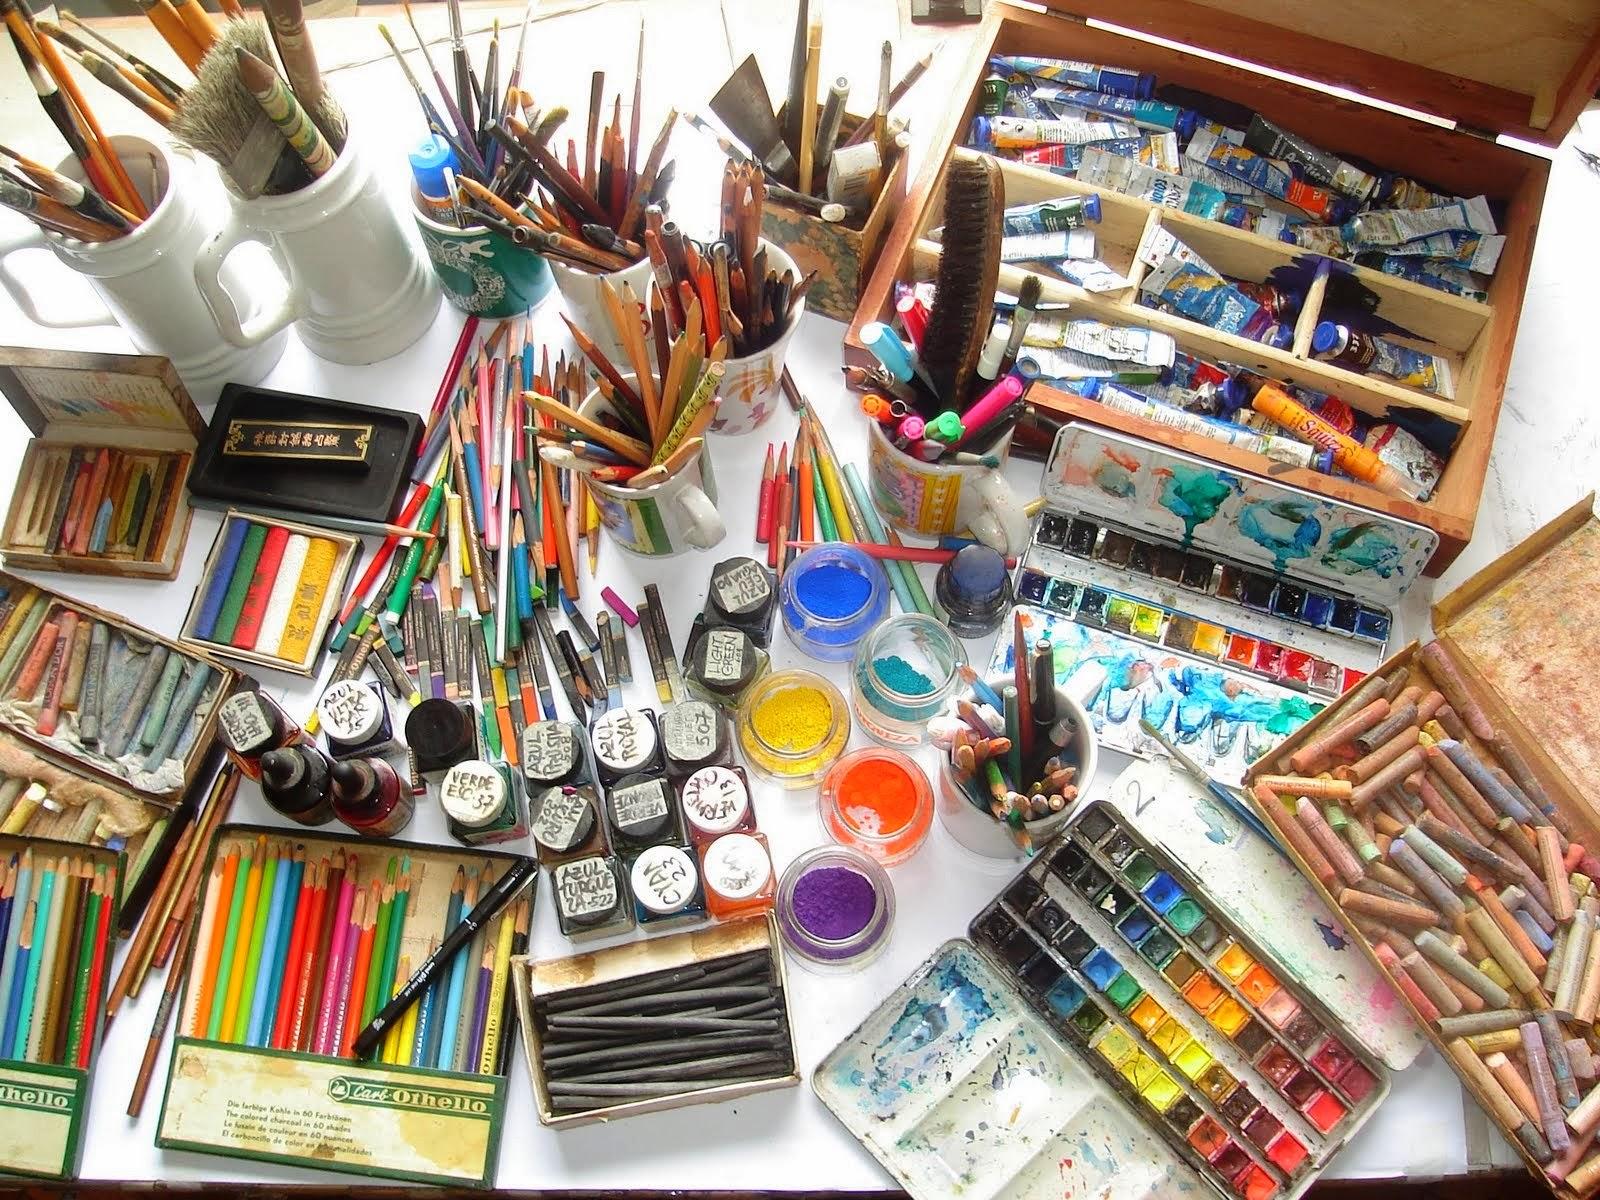 1 materiais-de-desenho-e-pintura-1.jpg